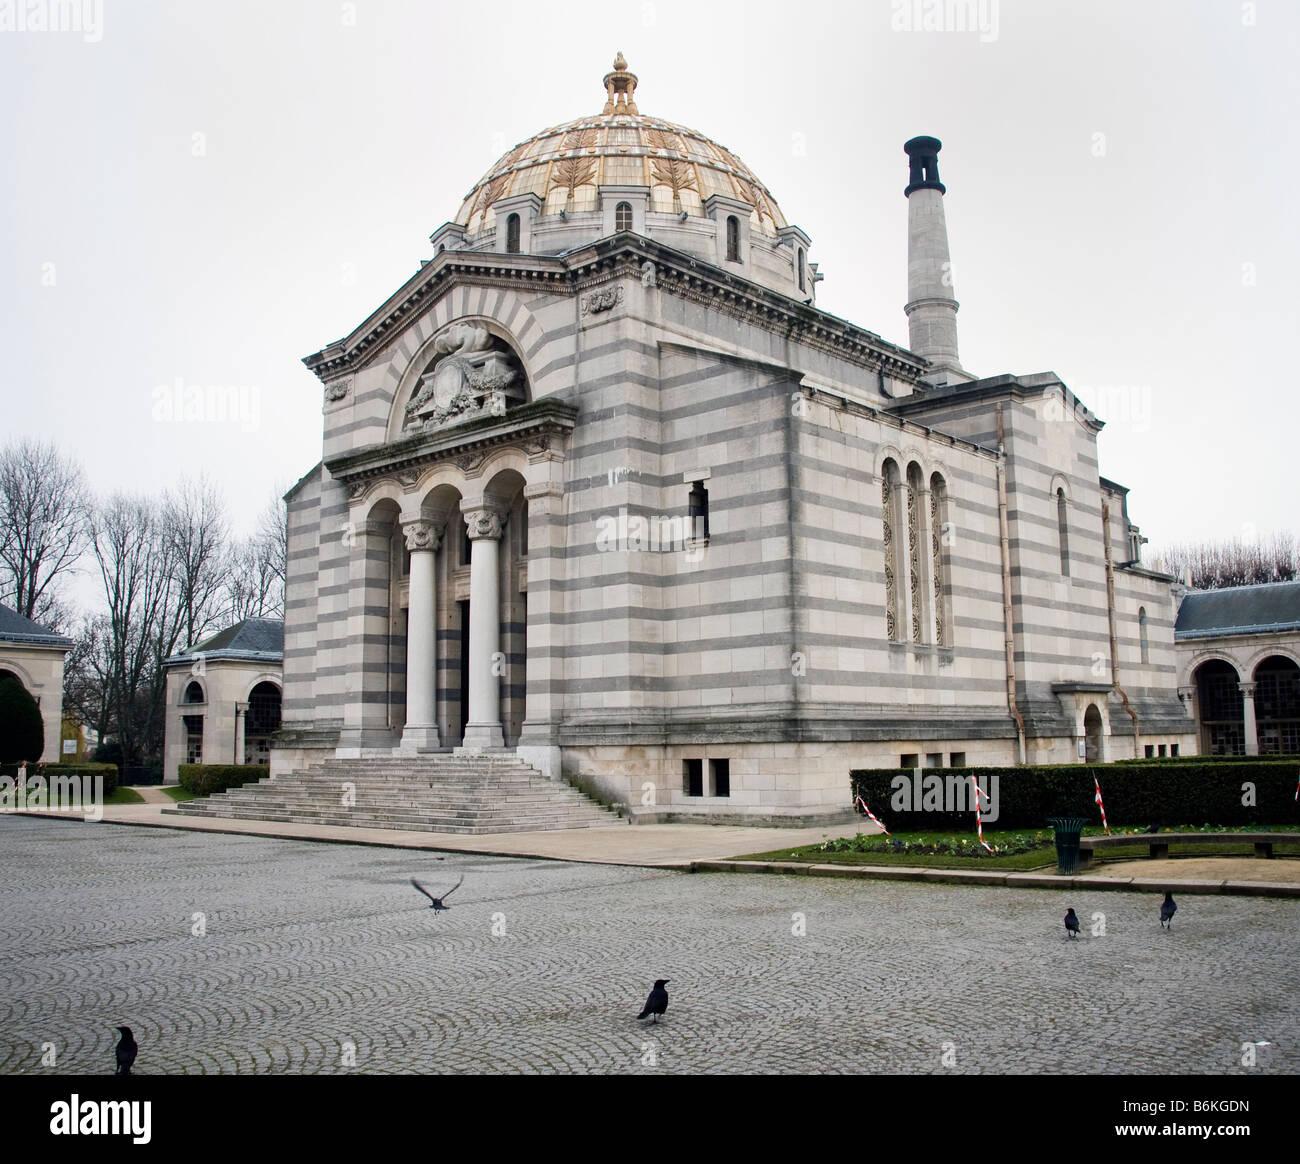 The crematorium at pere lachaise cemetery in paris stock - Cimetiere pere la chaise ...